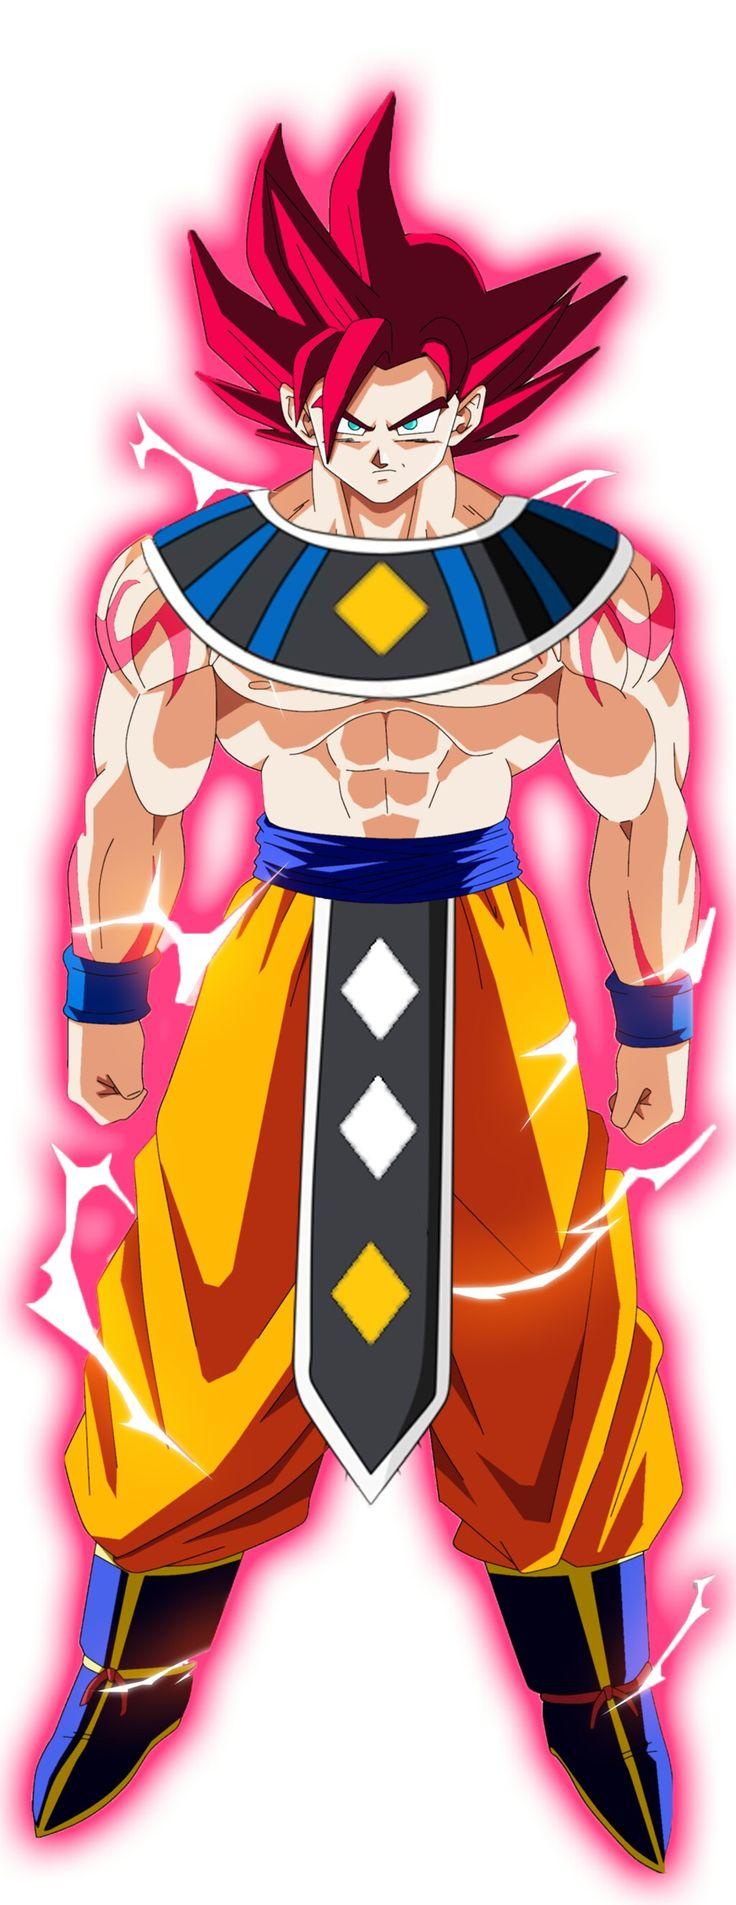 Goku dios de la destrucción